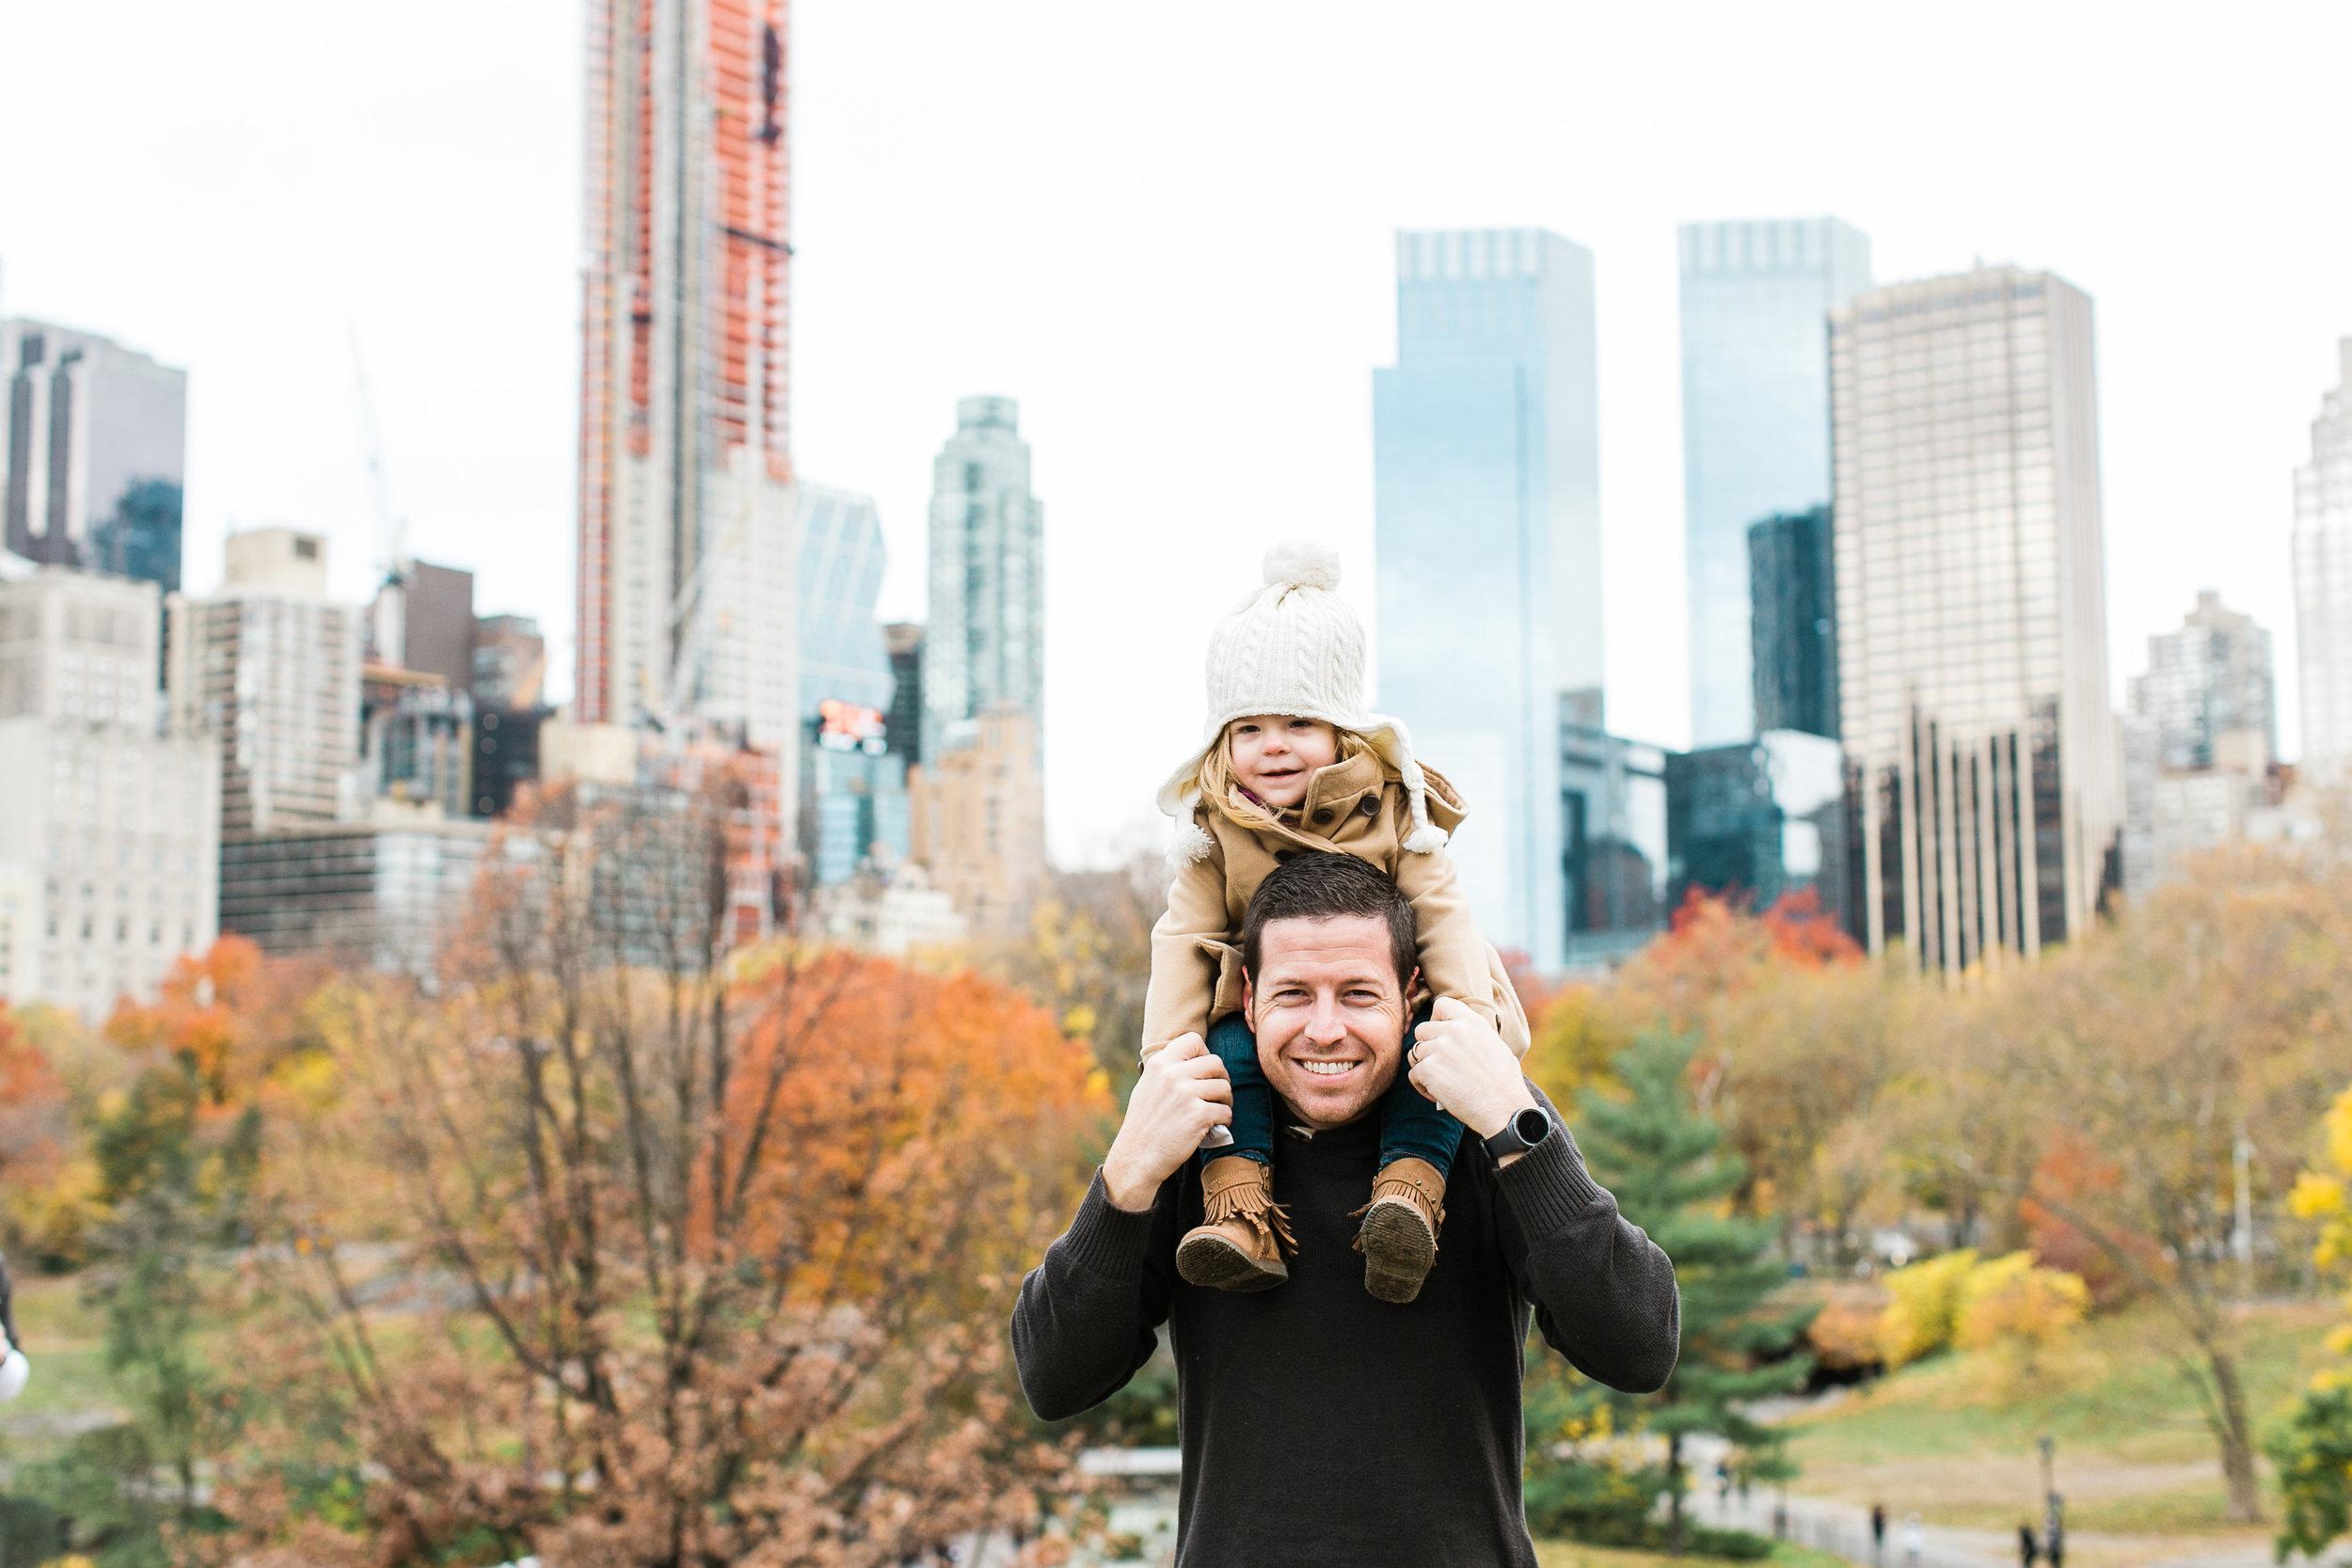 central-park-family-photos-laurie-91.jpg